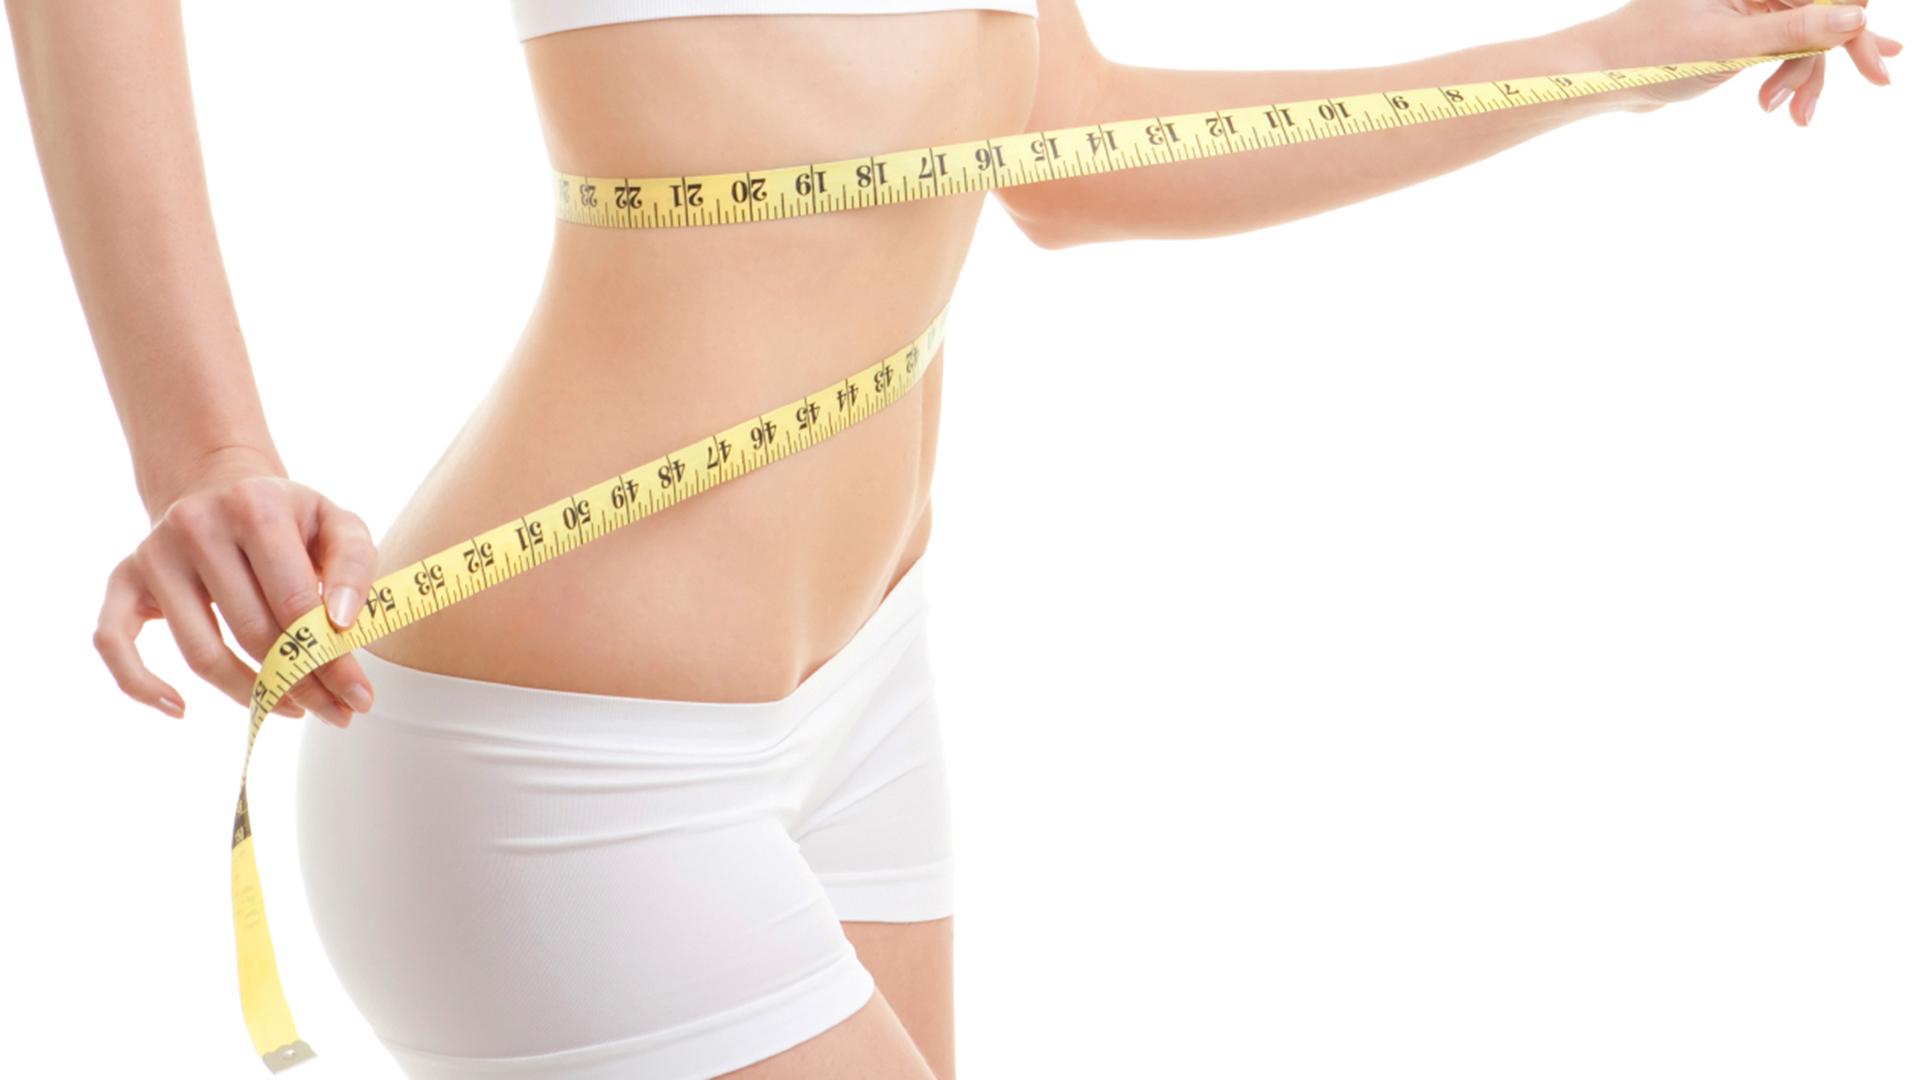 scuturați-l de pierderea în greutate